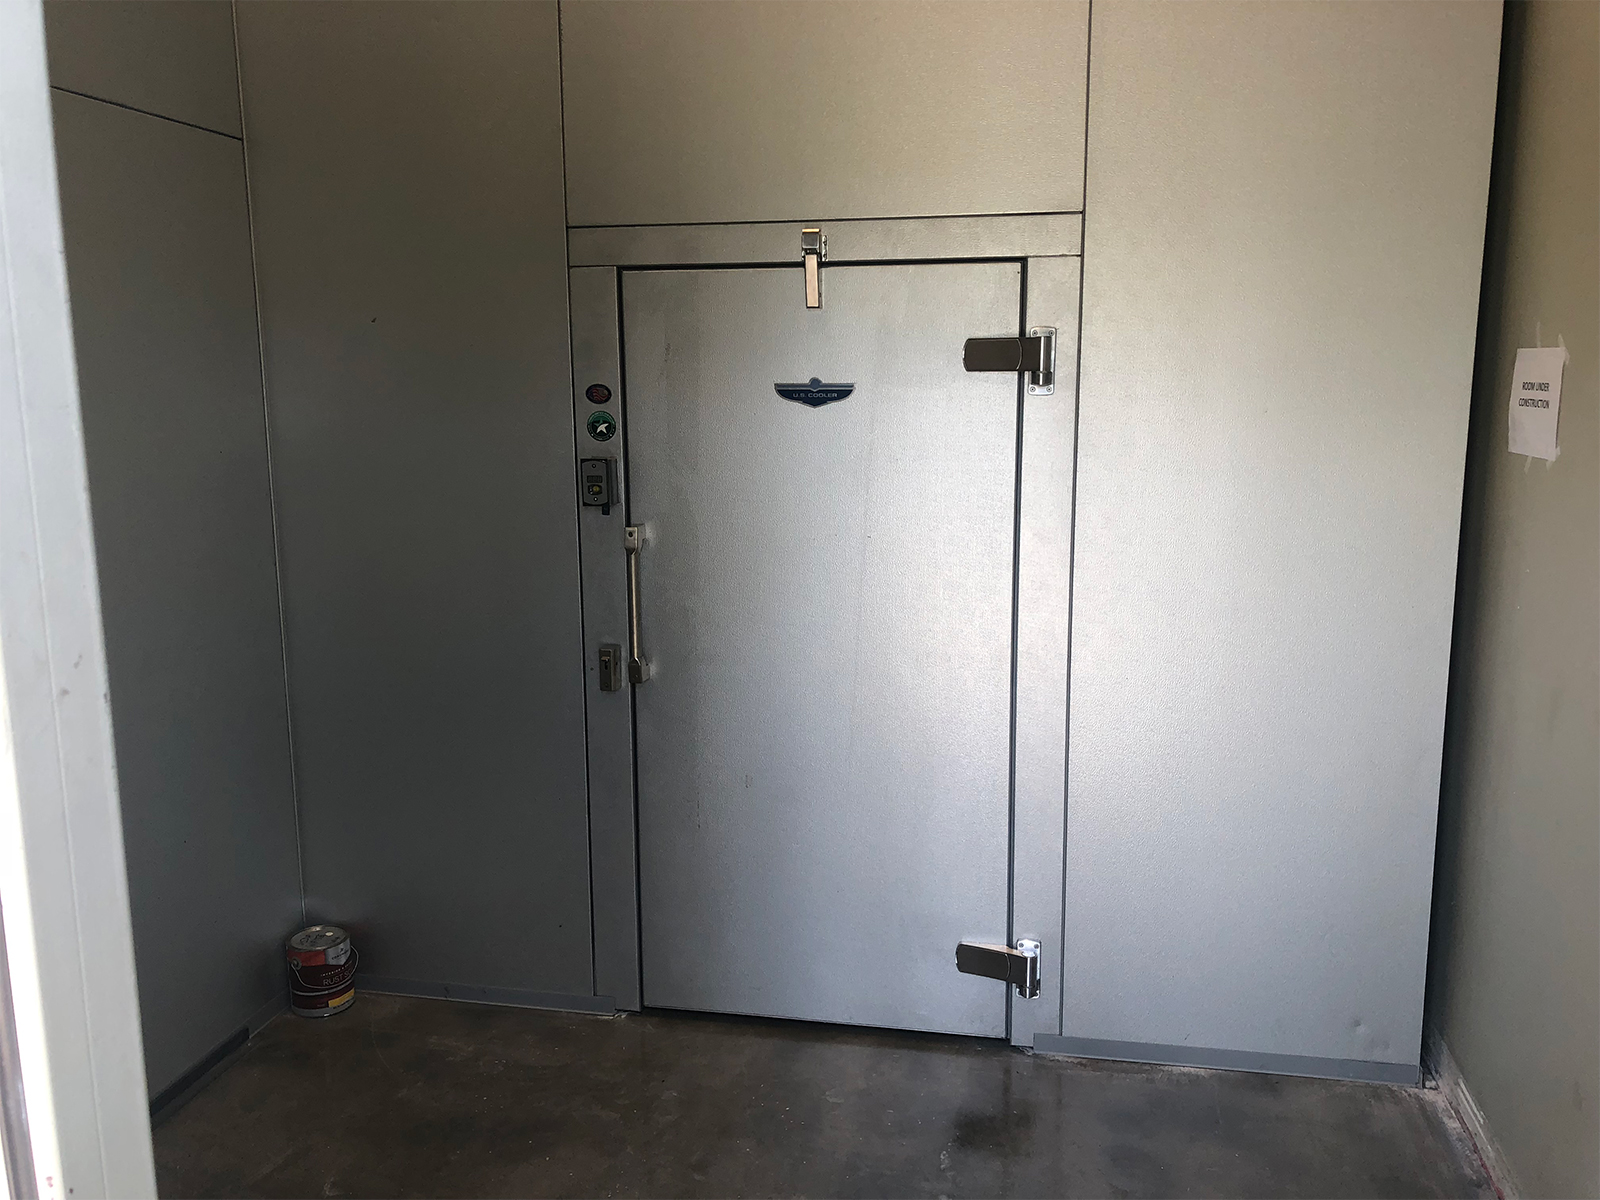 Industrial walk in cooler with steal door